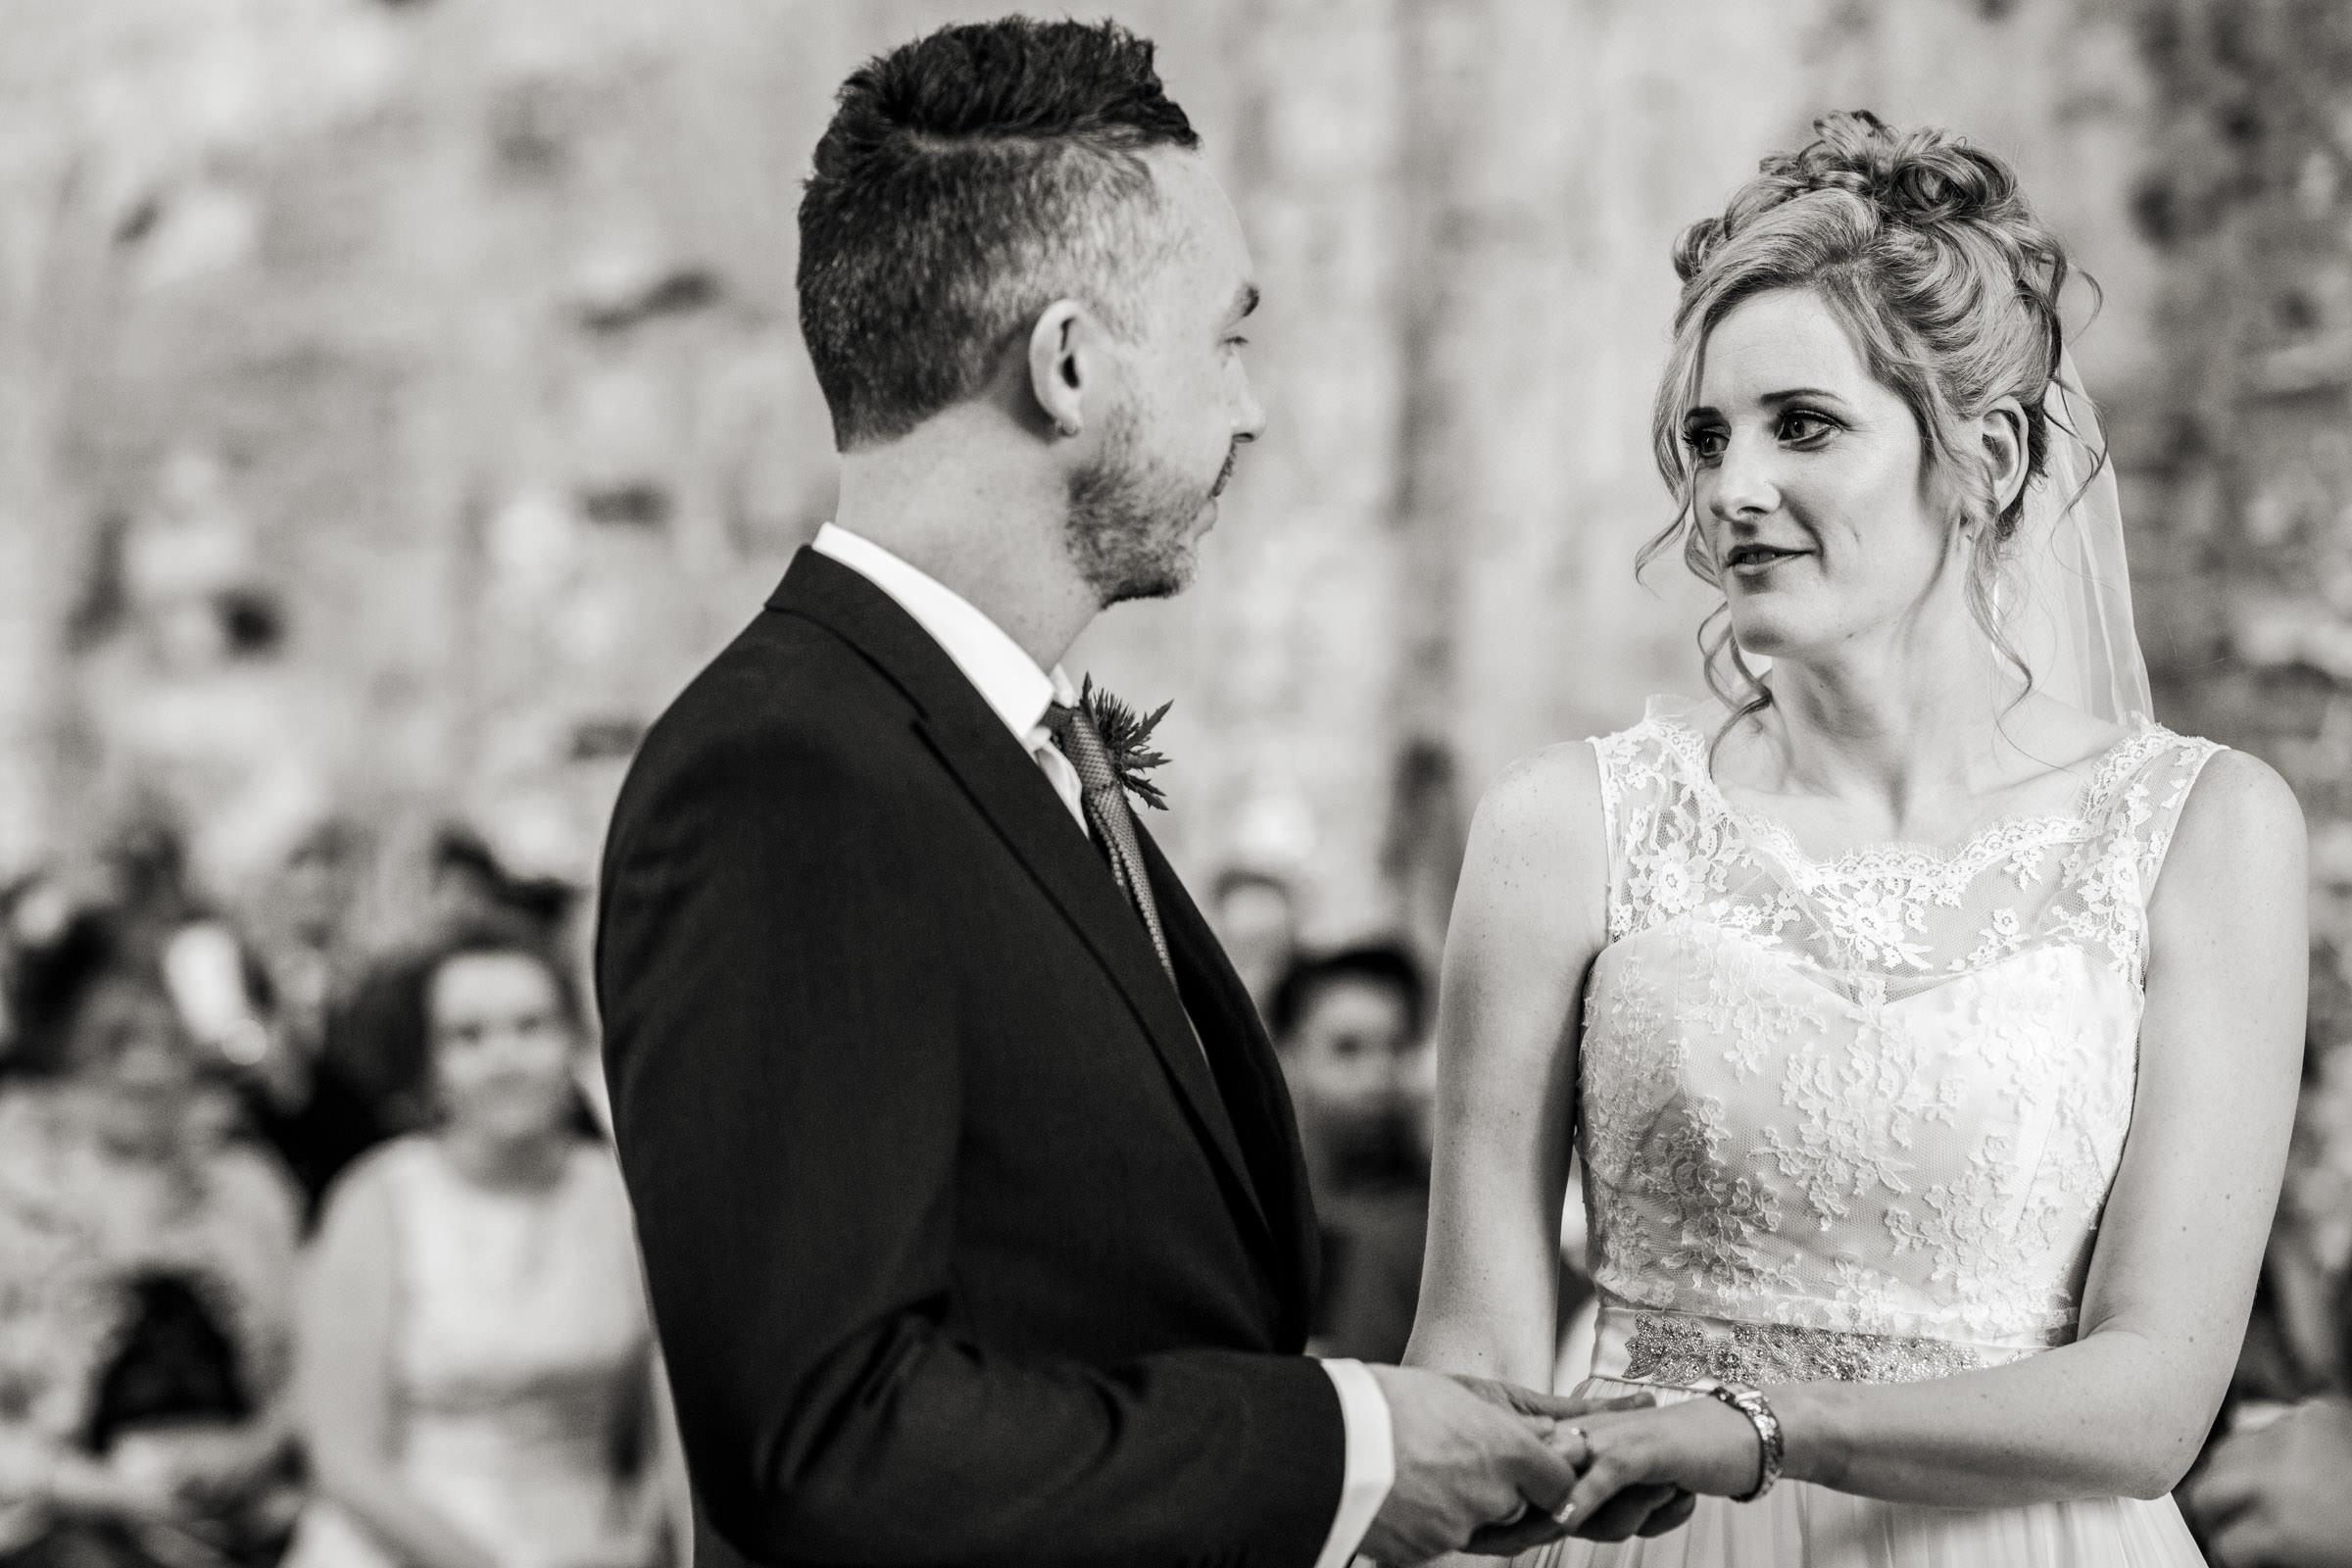 Lulworth Castle civil Wedding ceremony